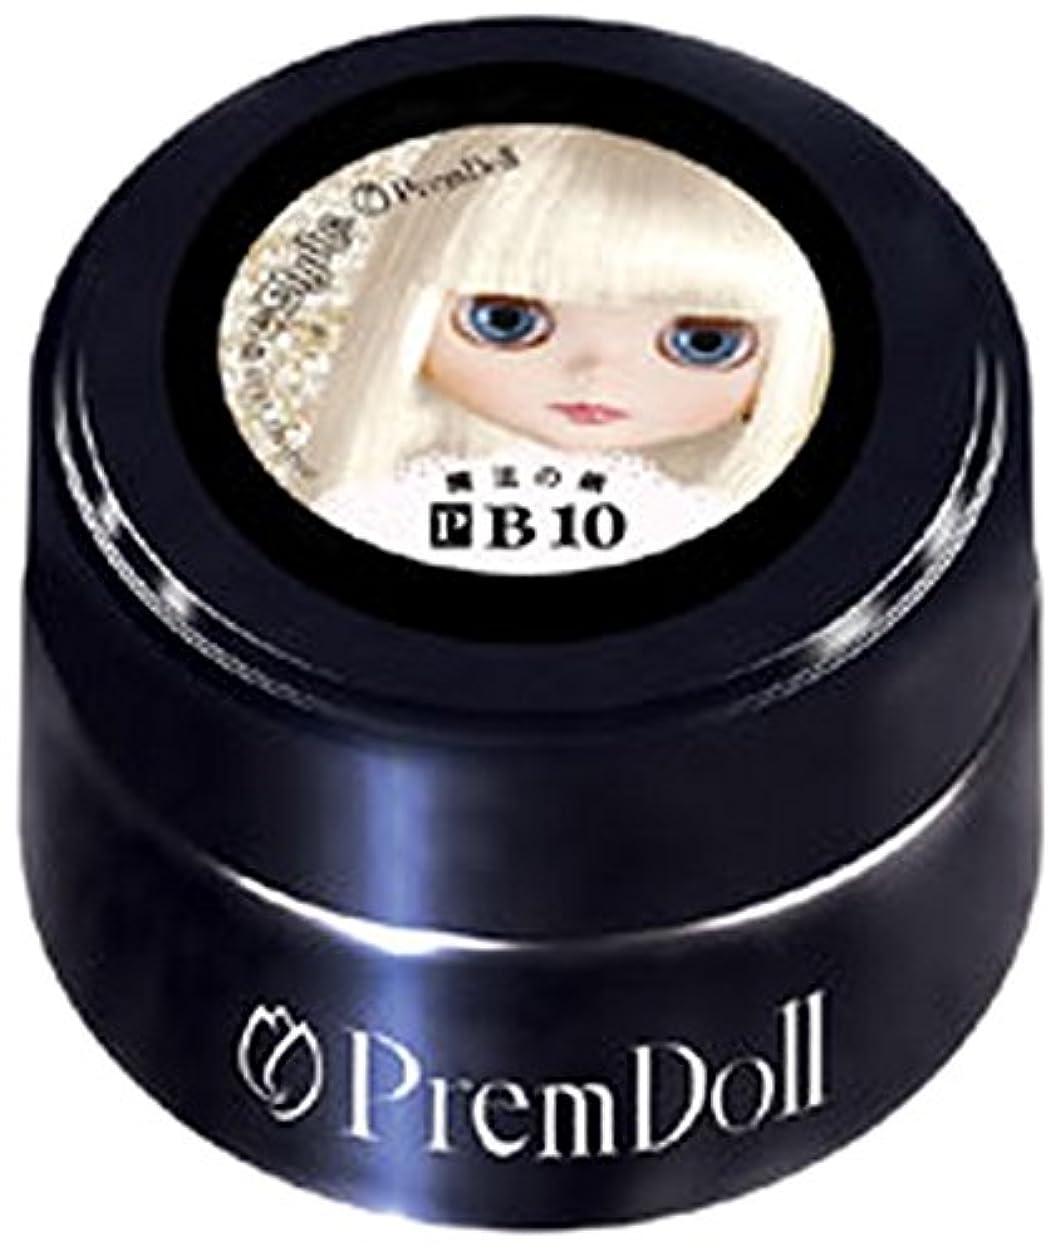 プリジェル ジェルネイル プリムドール 魔法ノ鏡 3g DOLL-B10 PREGEL×Blythe(ブライス)コラボレーション カラージェル UV/LED対応